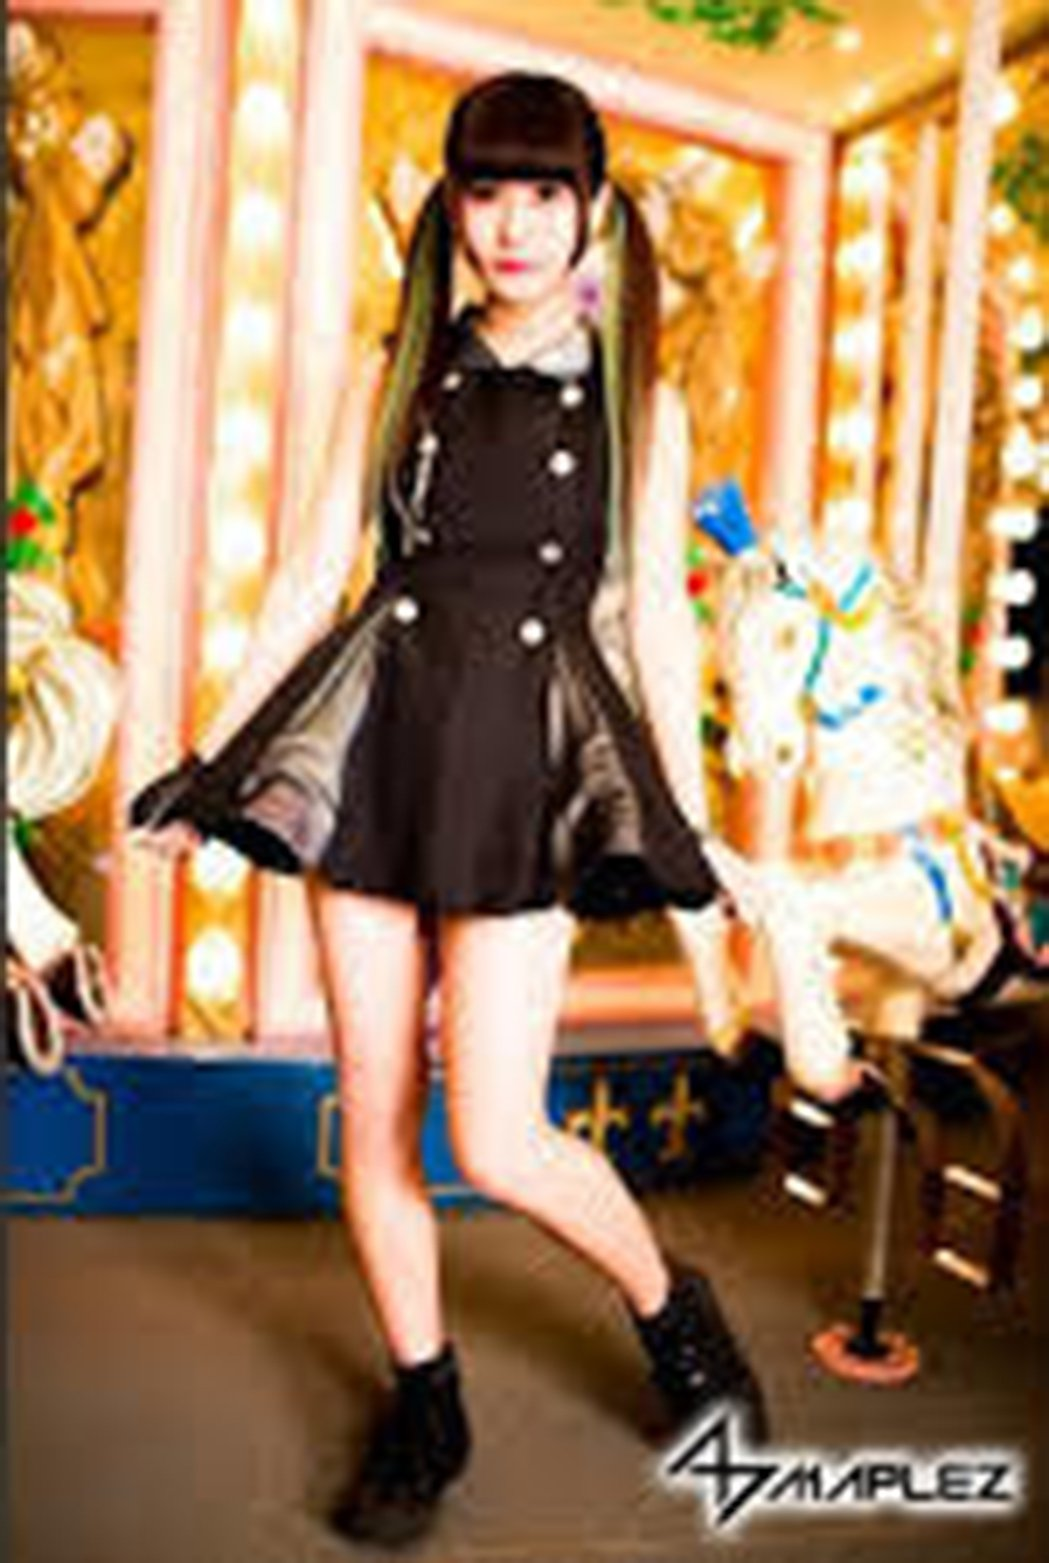 香山紗英是日本偶像女團MAPLEZ成員,目前已宣告引退。圖/摘自日本雅虎